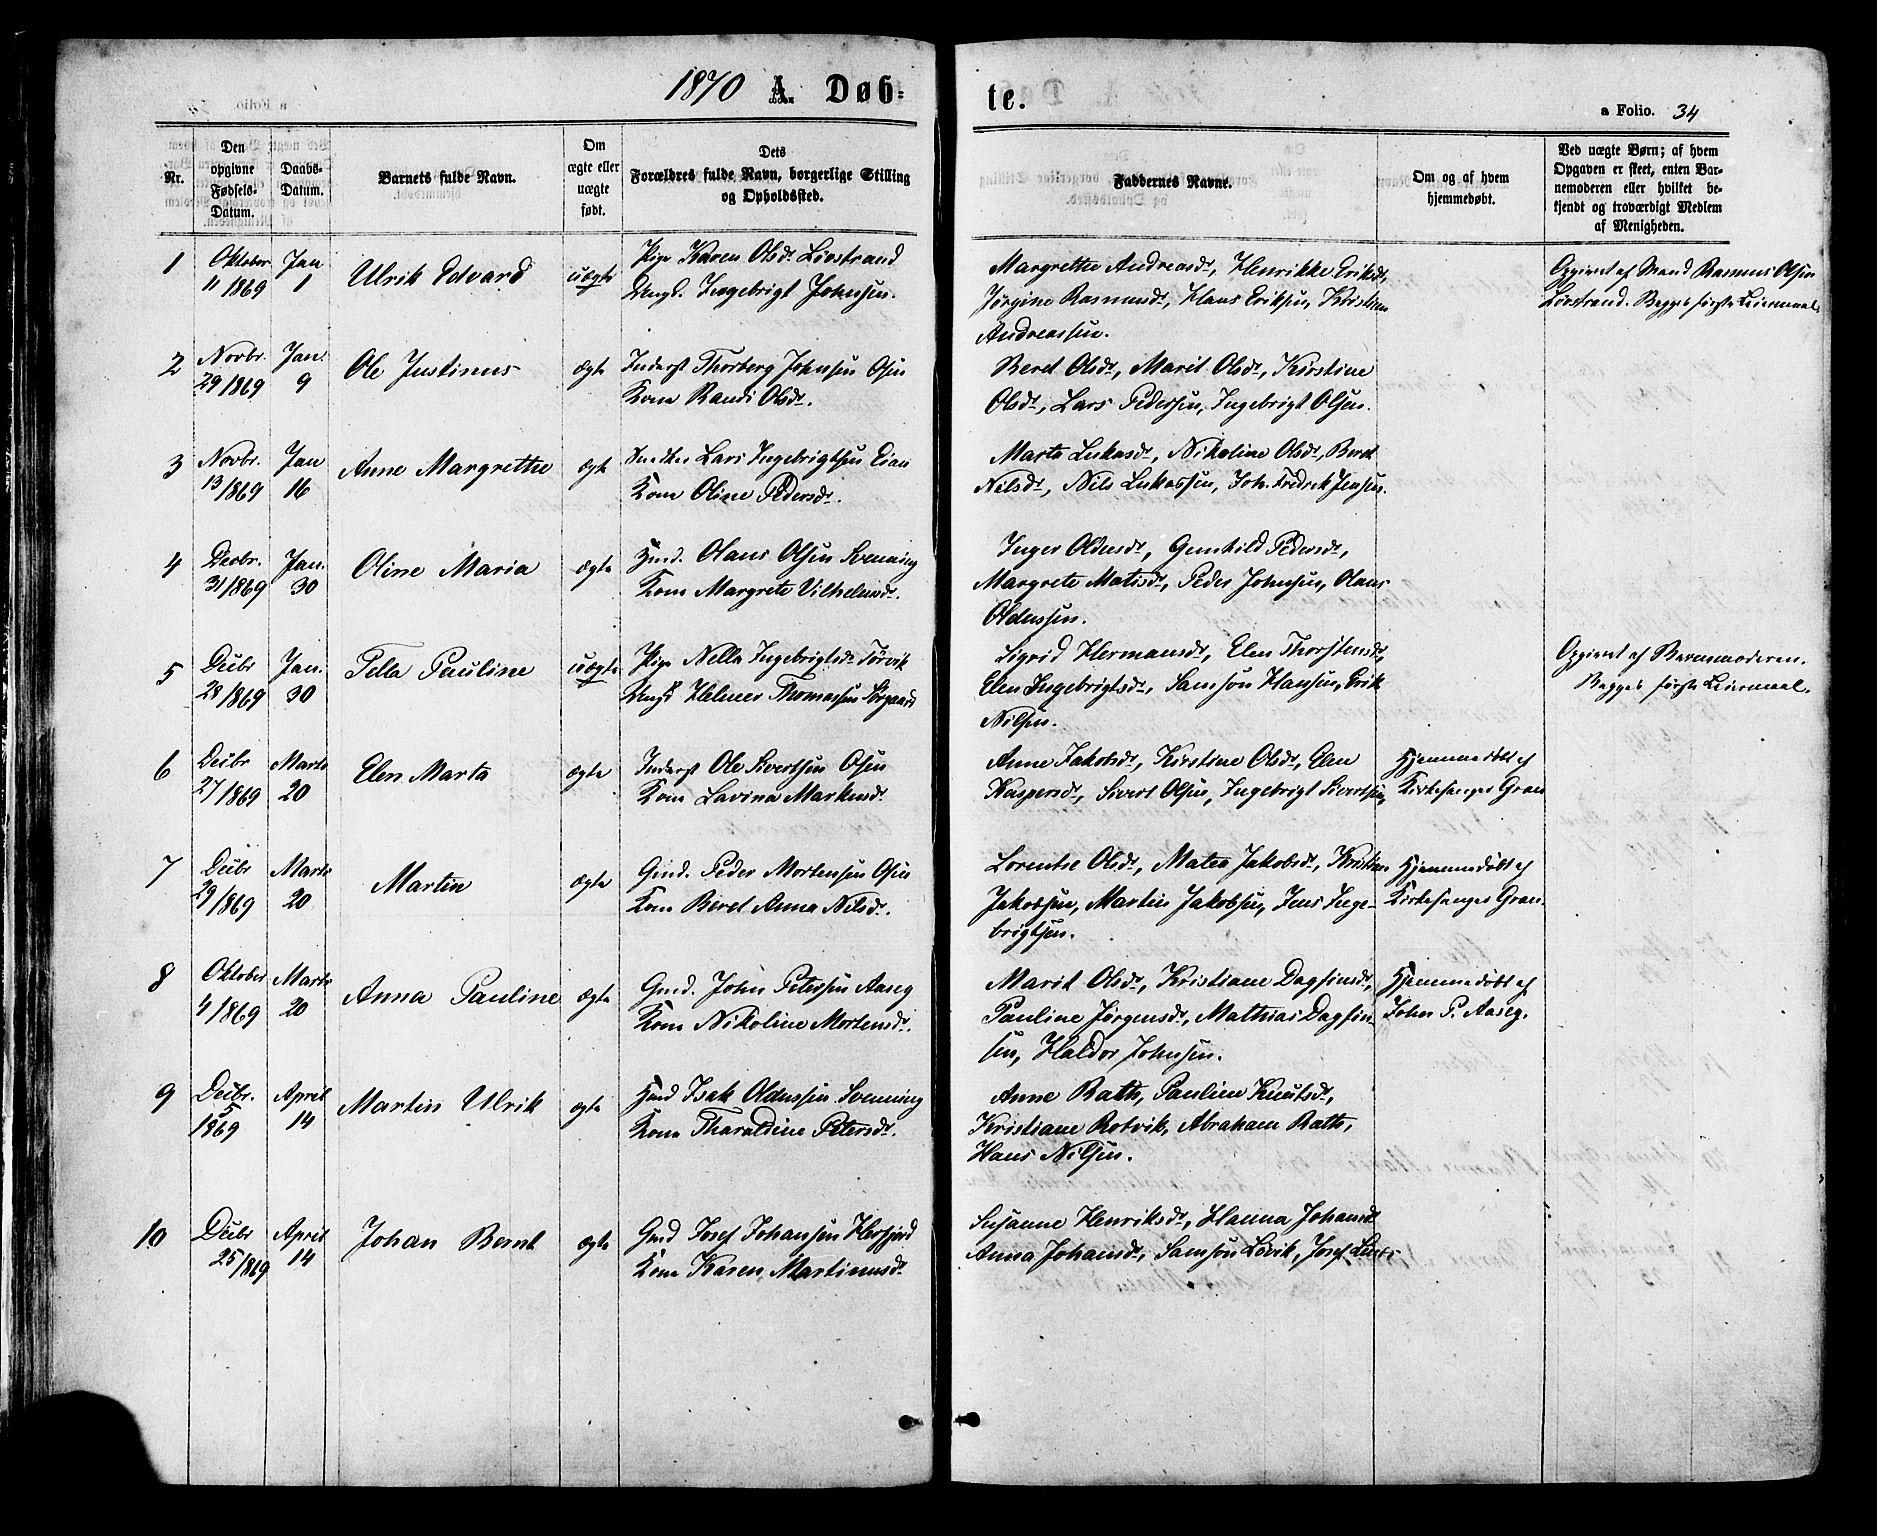 SAT, Ministerialprotokoller, klokkerbøker og fødselsregistre - Sør-Trøndelag, 657/L0706: Ministerialbok nr. 657A07, 1867-1878, s. 34